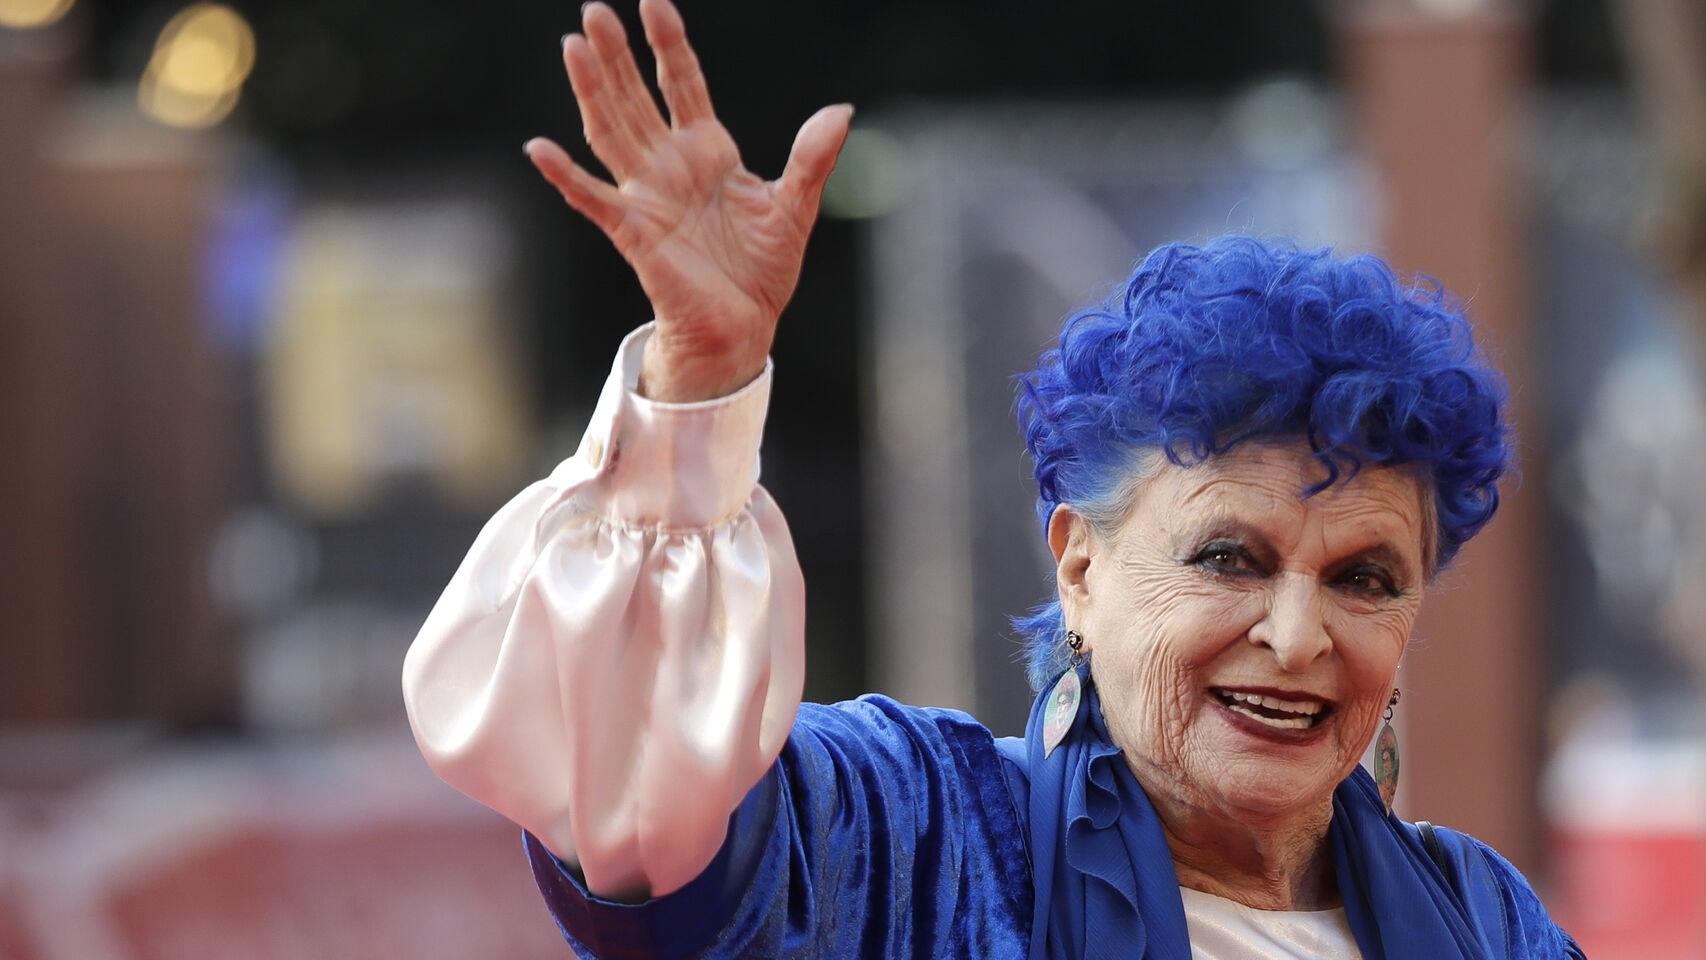 Addio a Lucia Bosè, attrice icona di bellezza e ribellione